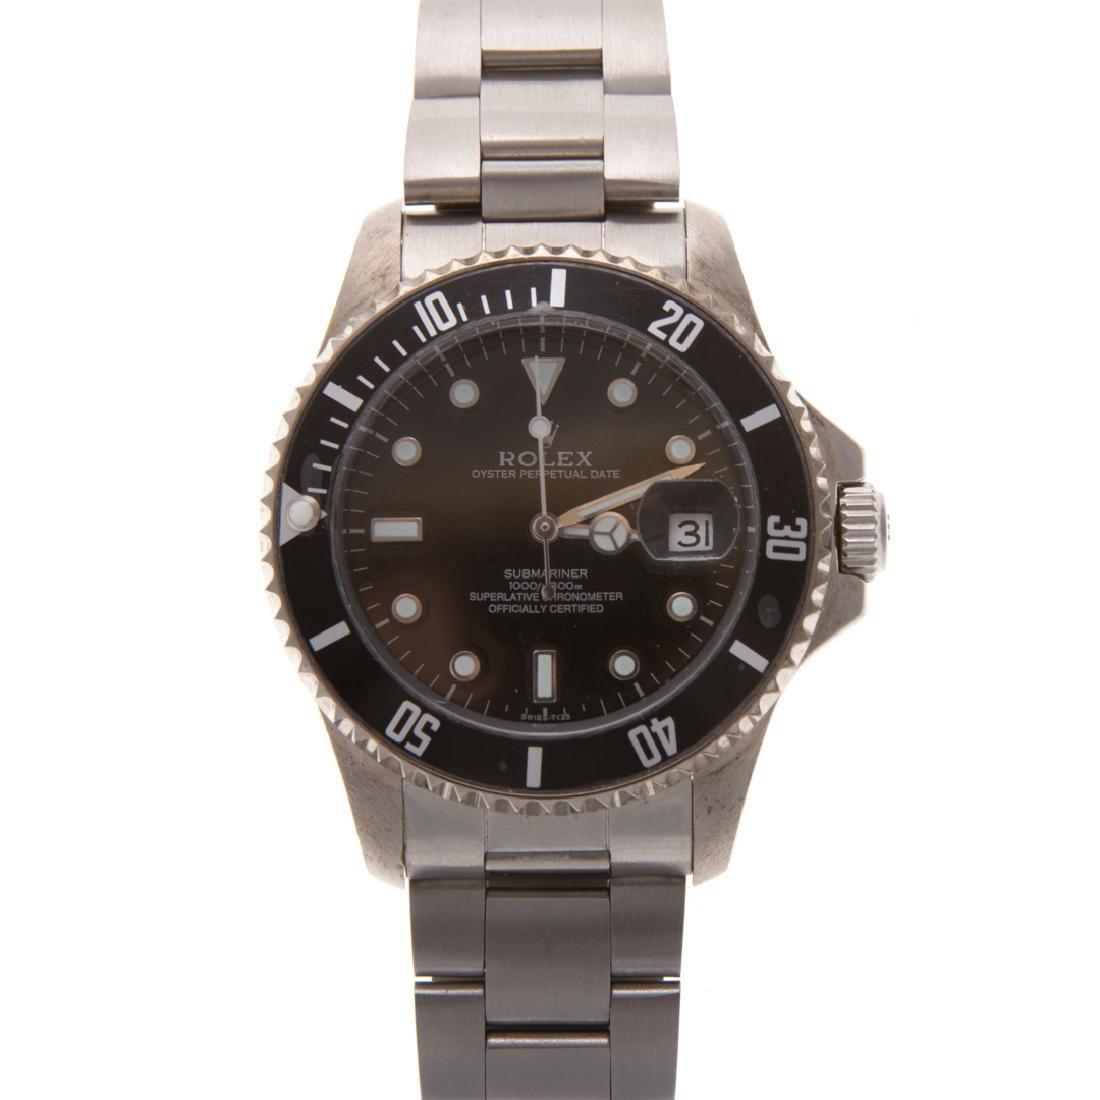 A Gent's Rolex Inspired Submariner Watch